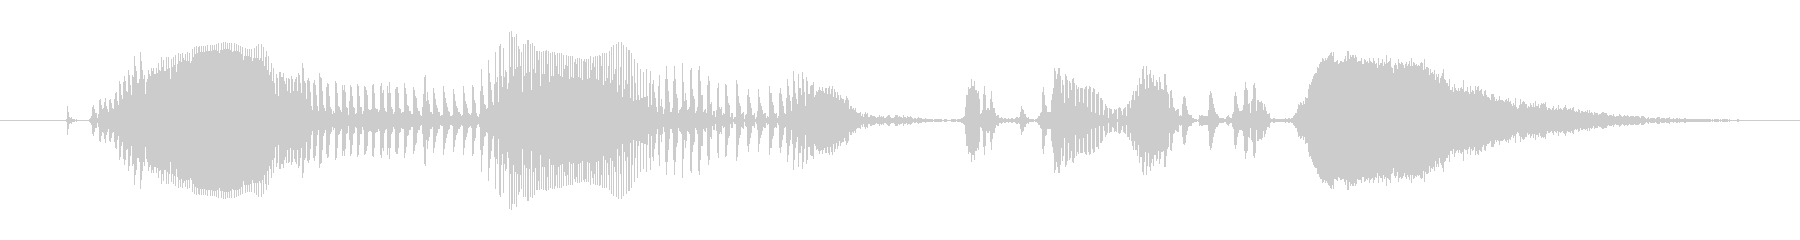 鳴き声 女性のうめき声05の未再生の波形